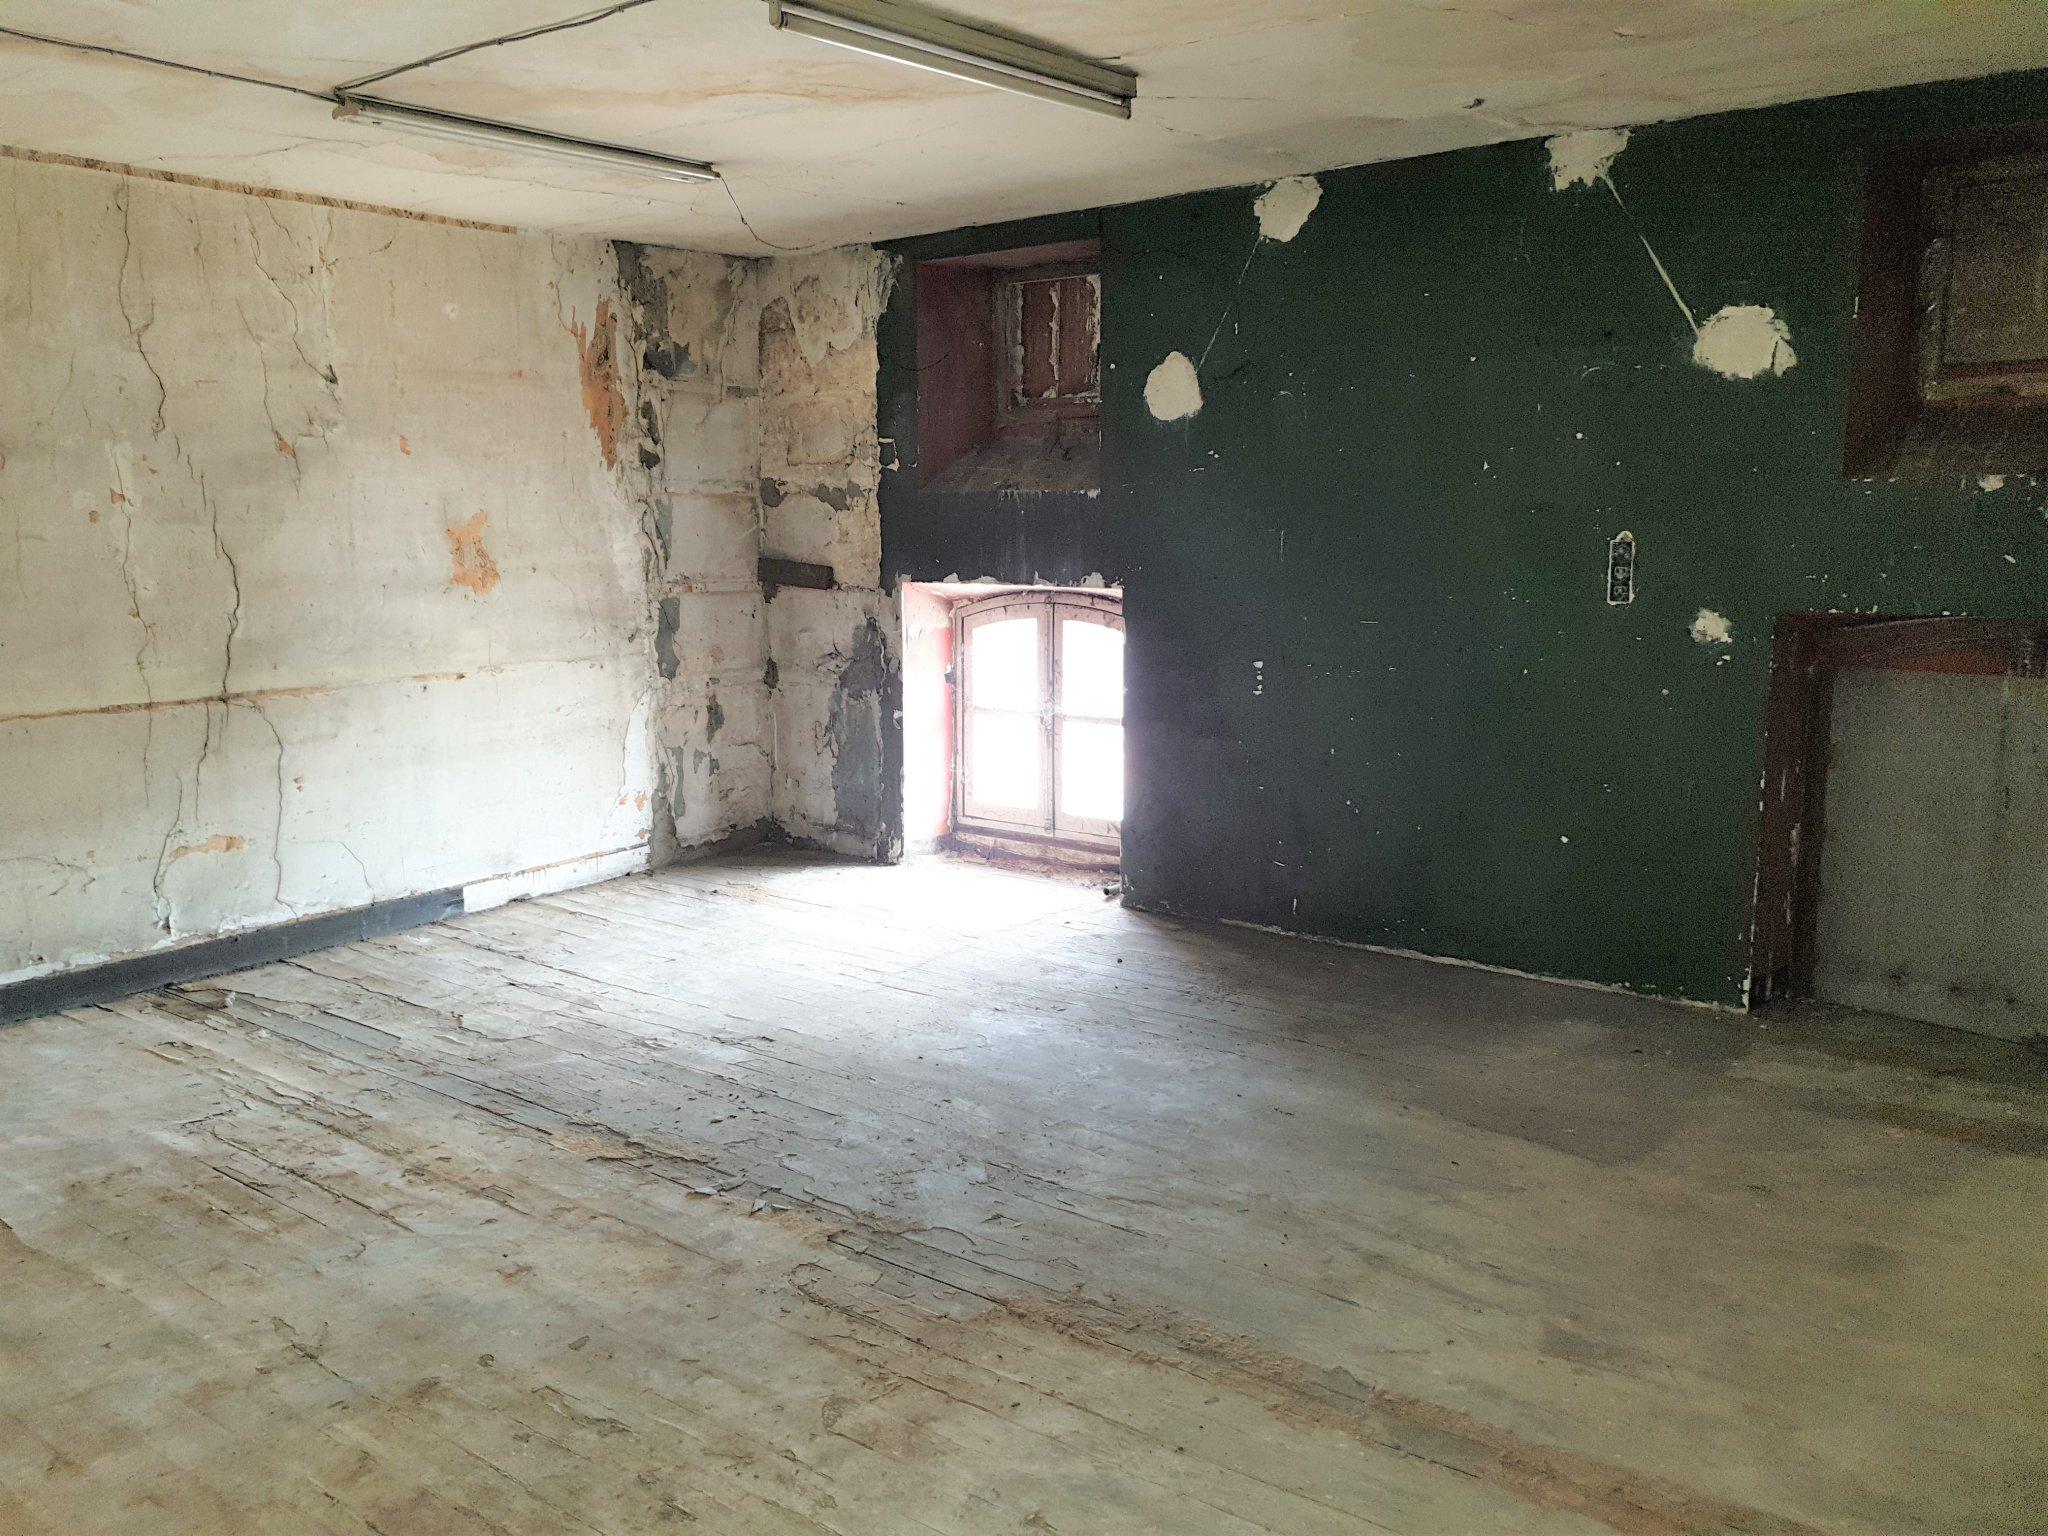 Immobilier saint Pierre : pourquoi investir dans un bien à rénover ?